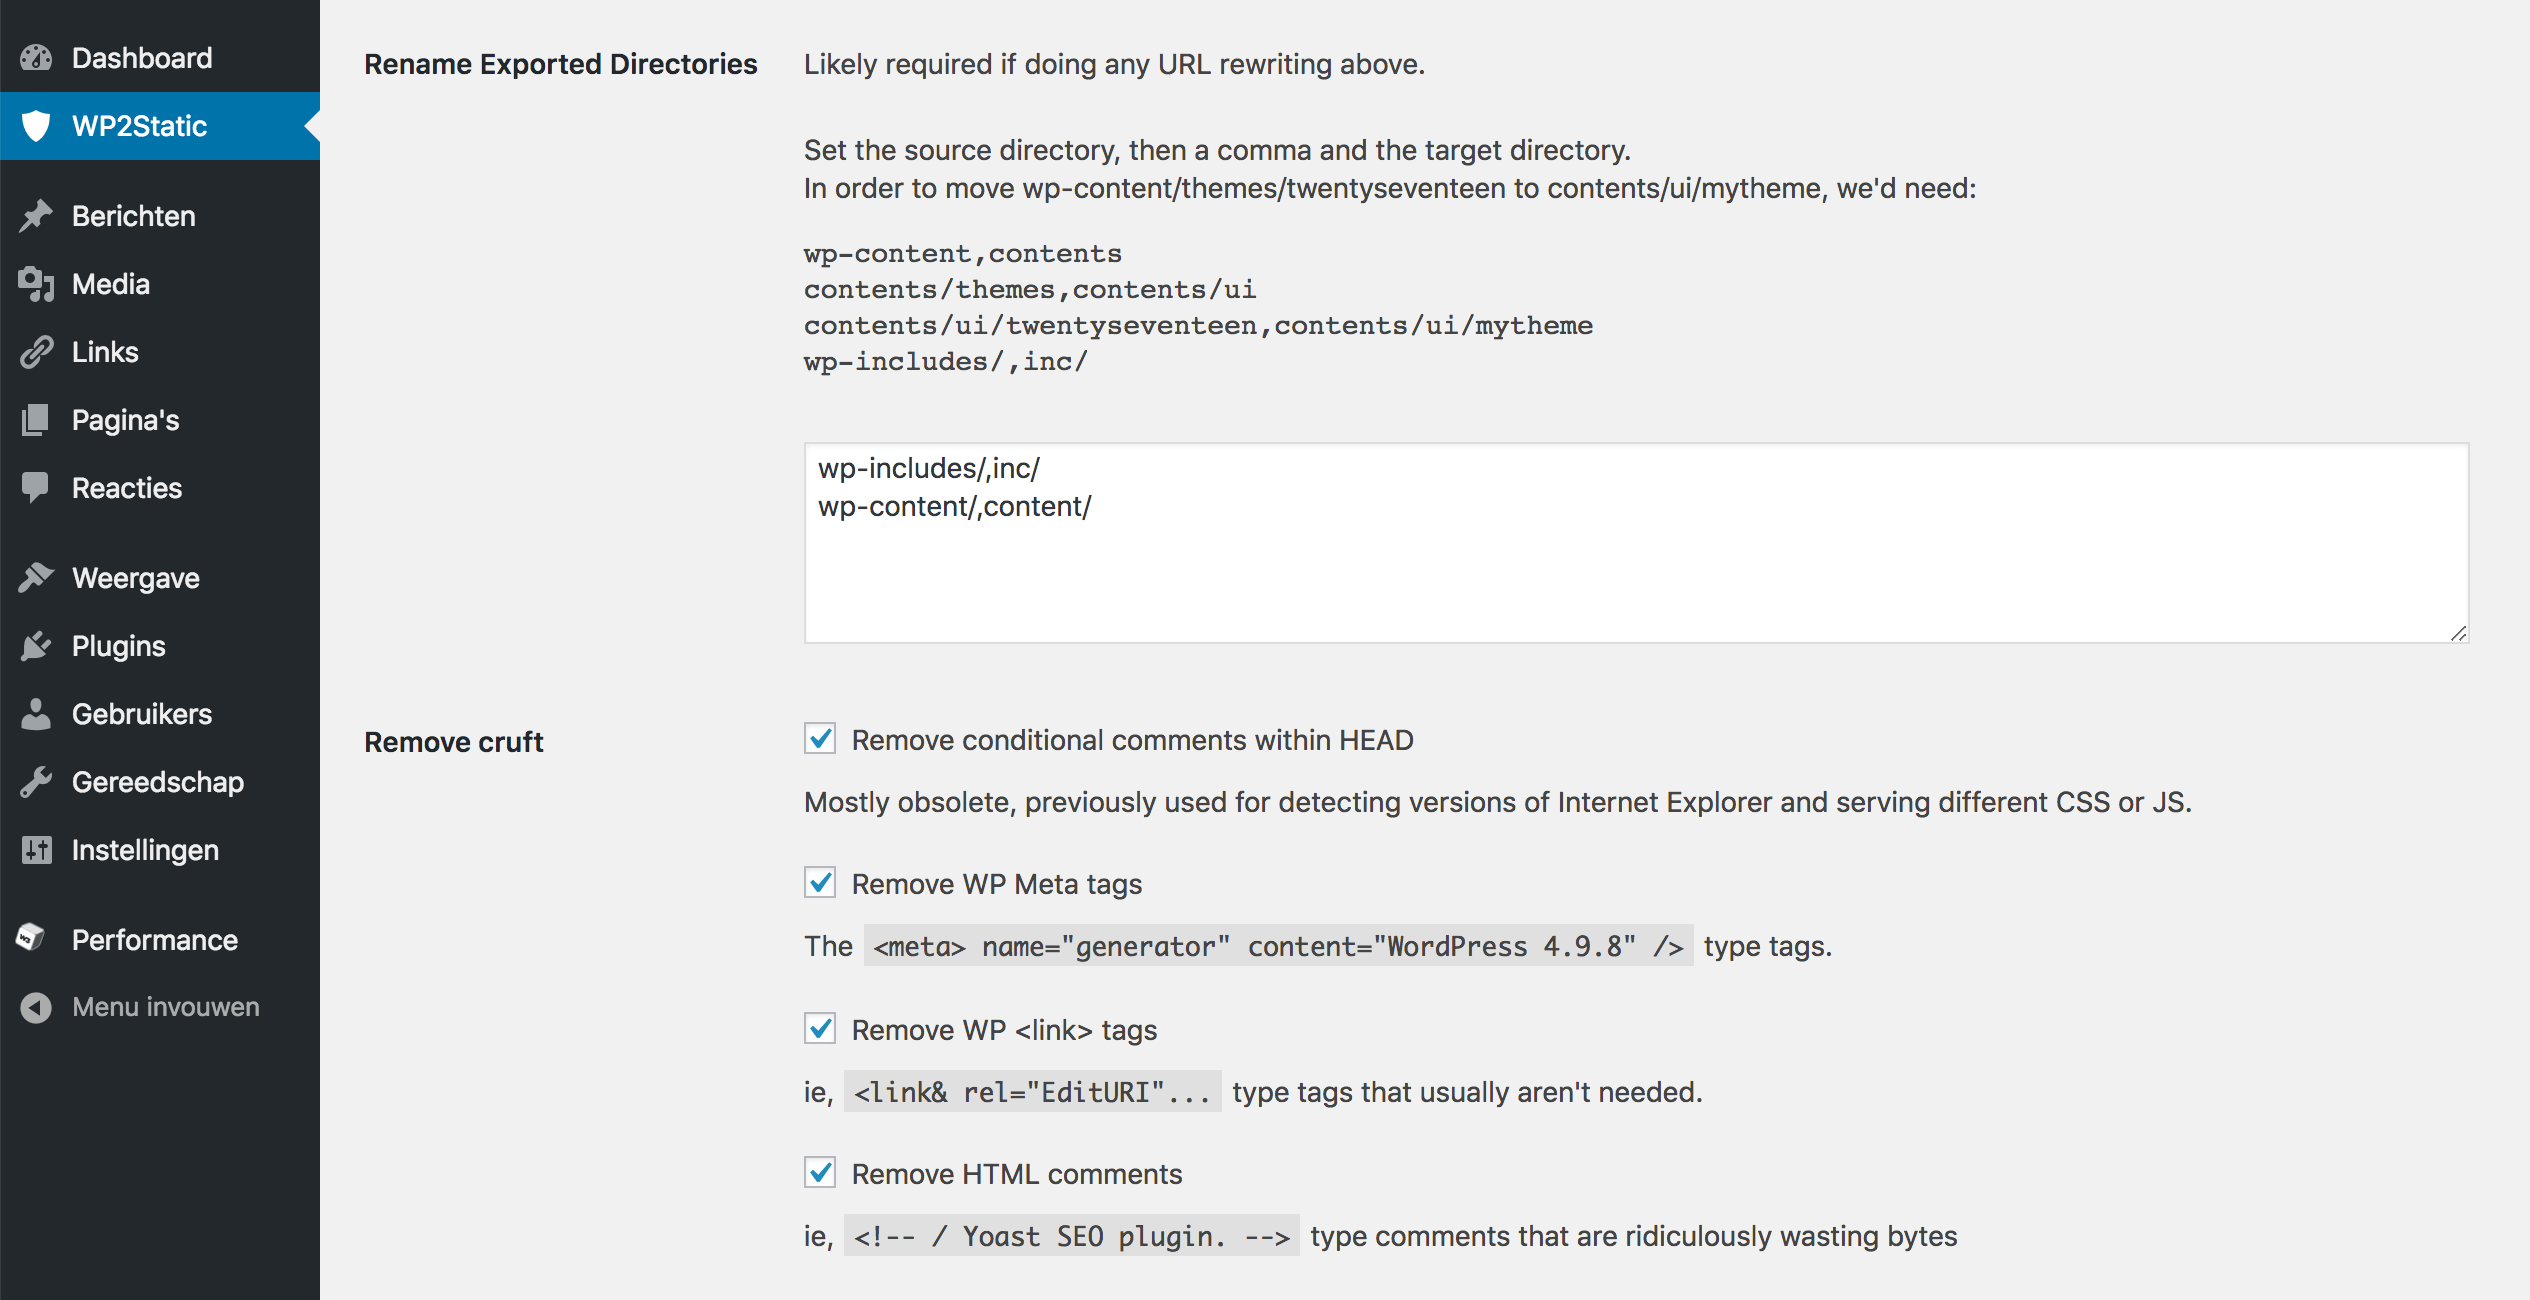 WordPress omzetten naar statische website: de instellingen bij 'Rename Exported Directories'.